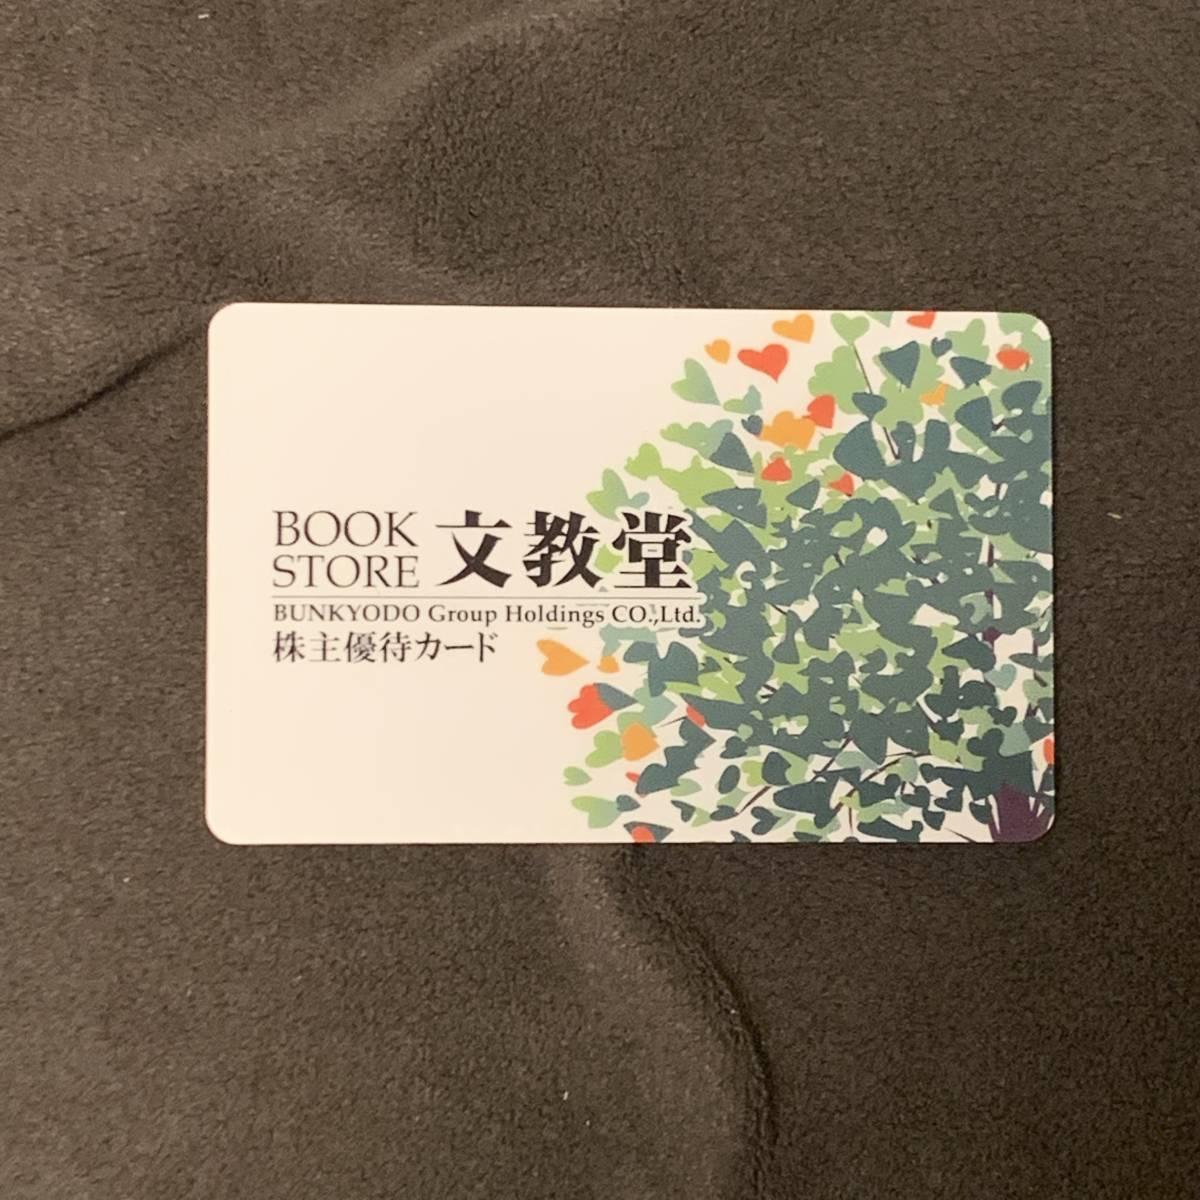 【最新】 文教堂 株主優待 5%off 2021年10月31日まで 送料63円~_画像2